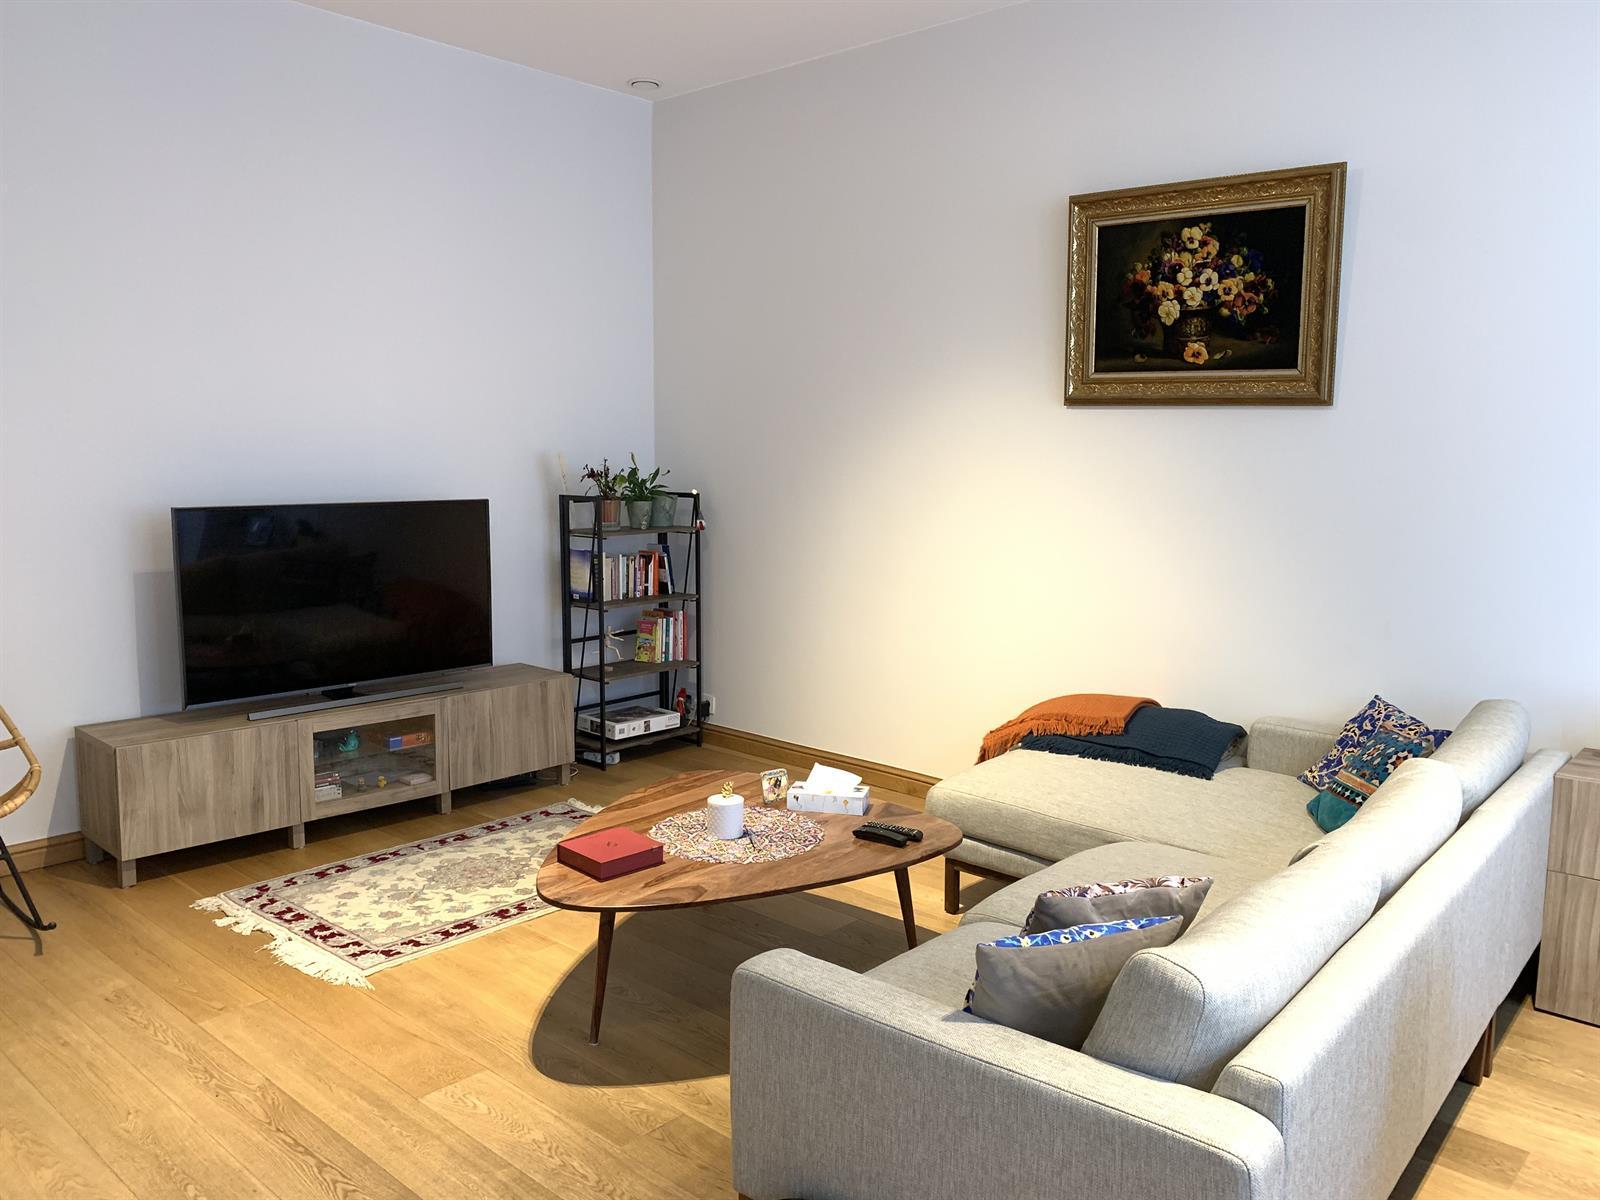 Appartement exceptionnel - Bruxelles - #3965237-38